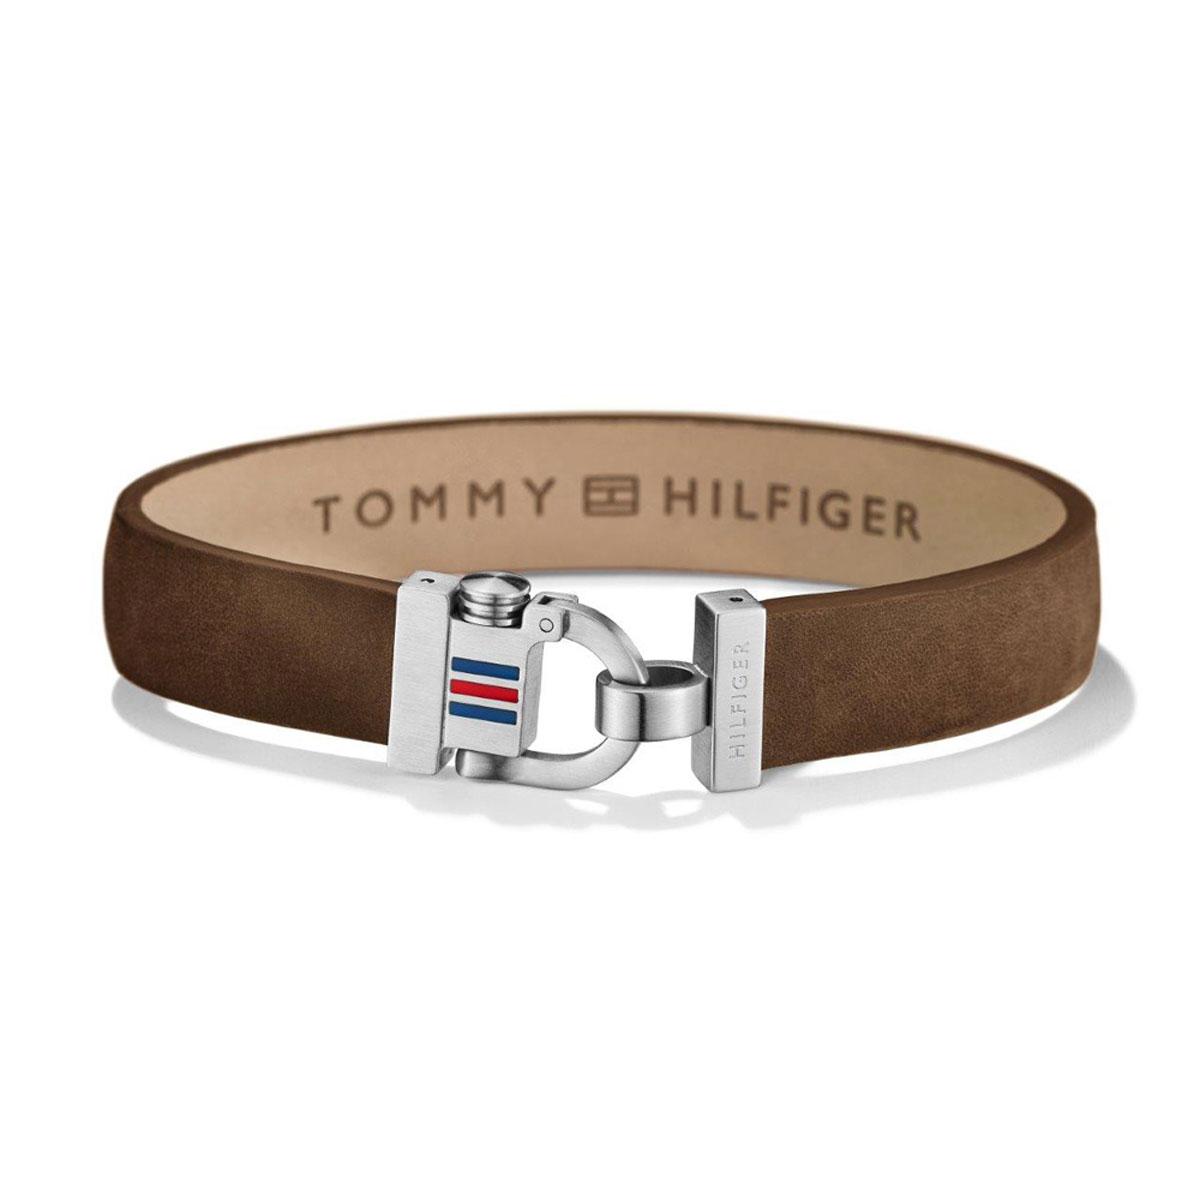 Tommy Hilfiger ανδρικό καφέ δερμάτινο βραχιόλι με ανοξείδωτο ατσάλι 2700768 3ff1282625f